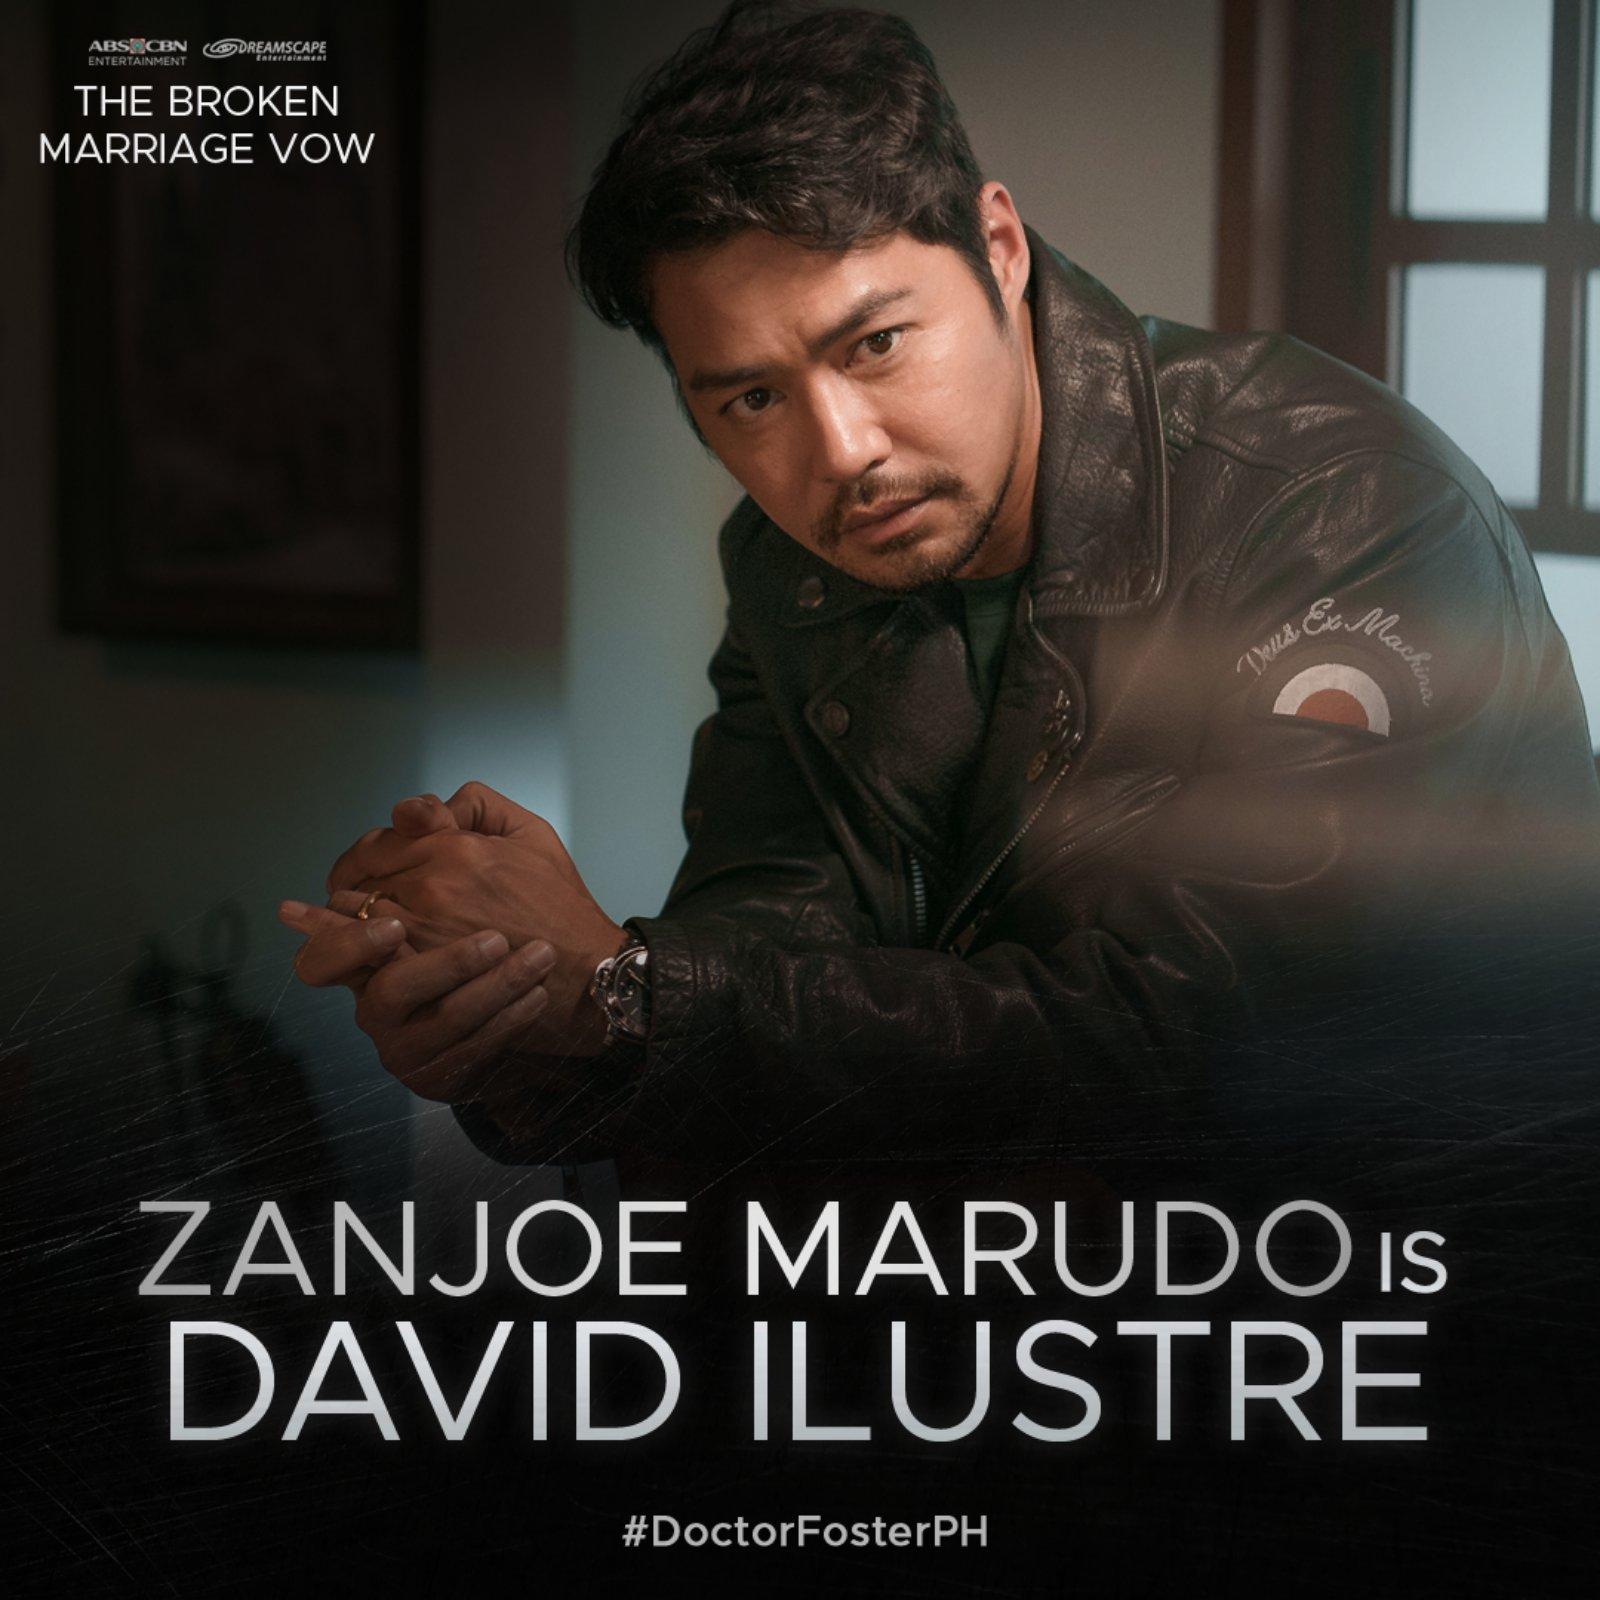 Zanjoe Marudo is David Ilustre in The Broken Marriage Vow